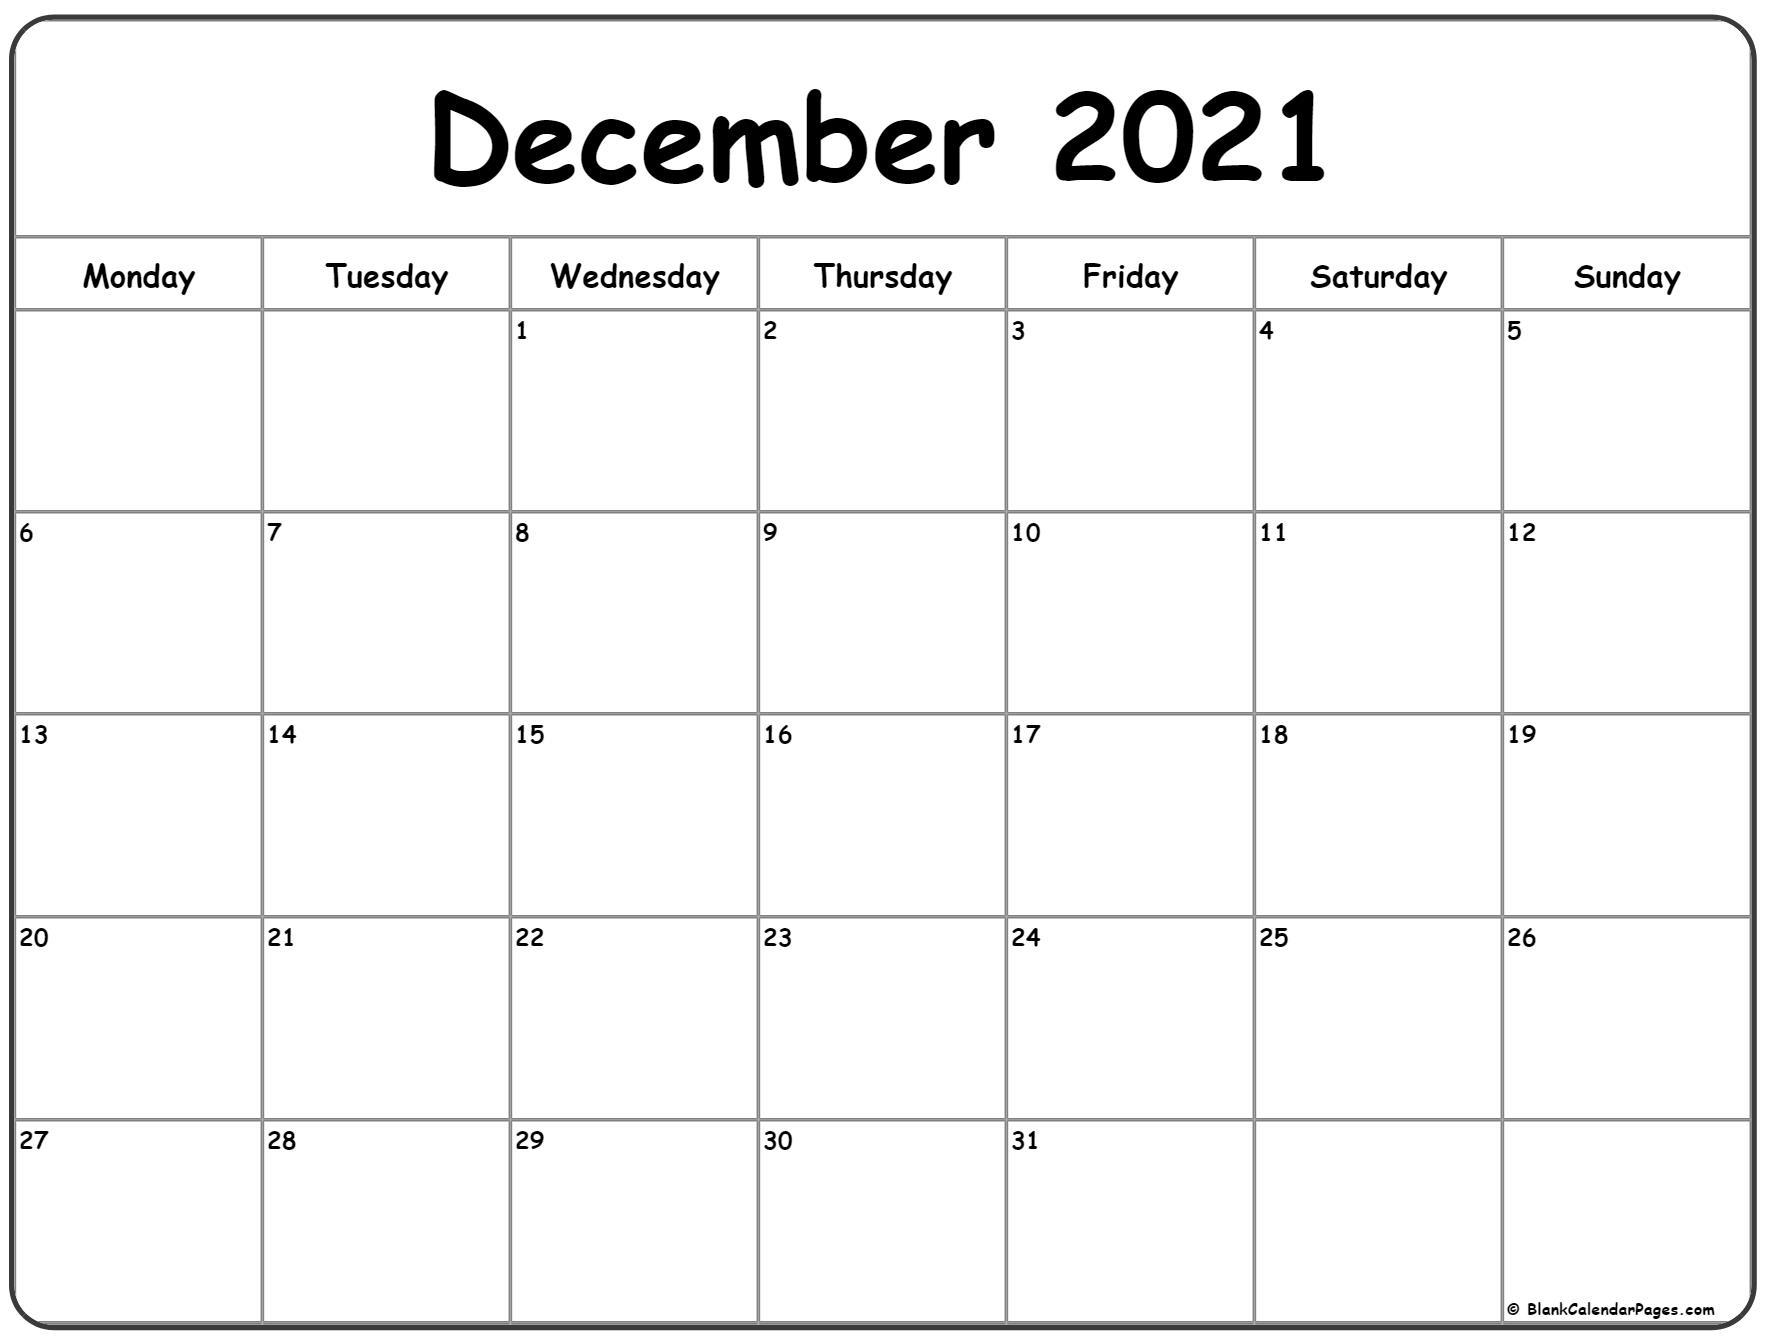 Catch Fill In December Calendar 2021